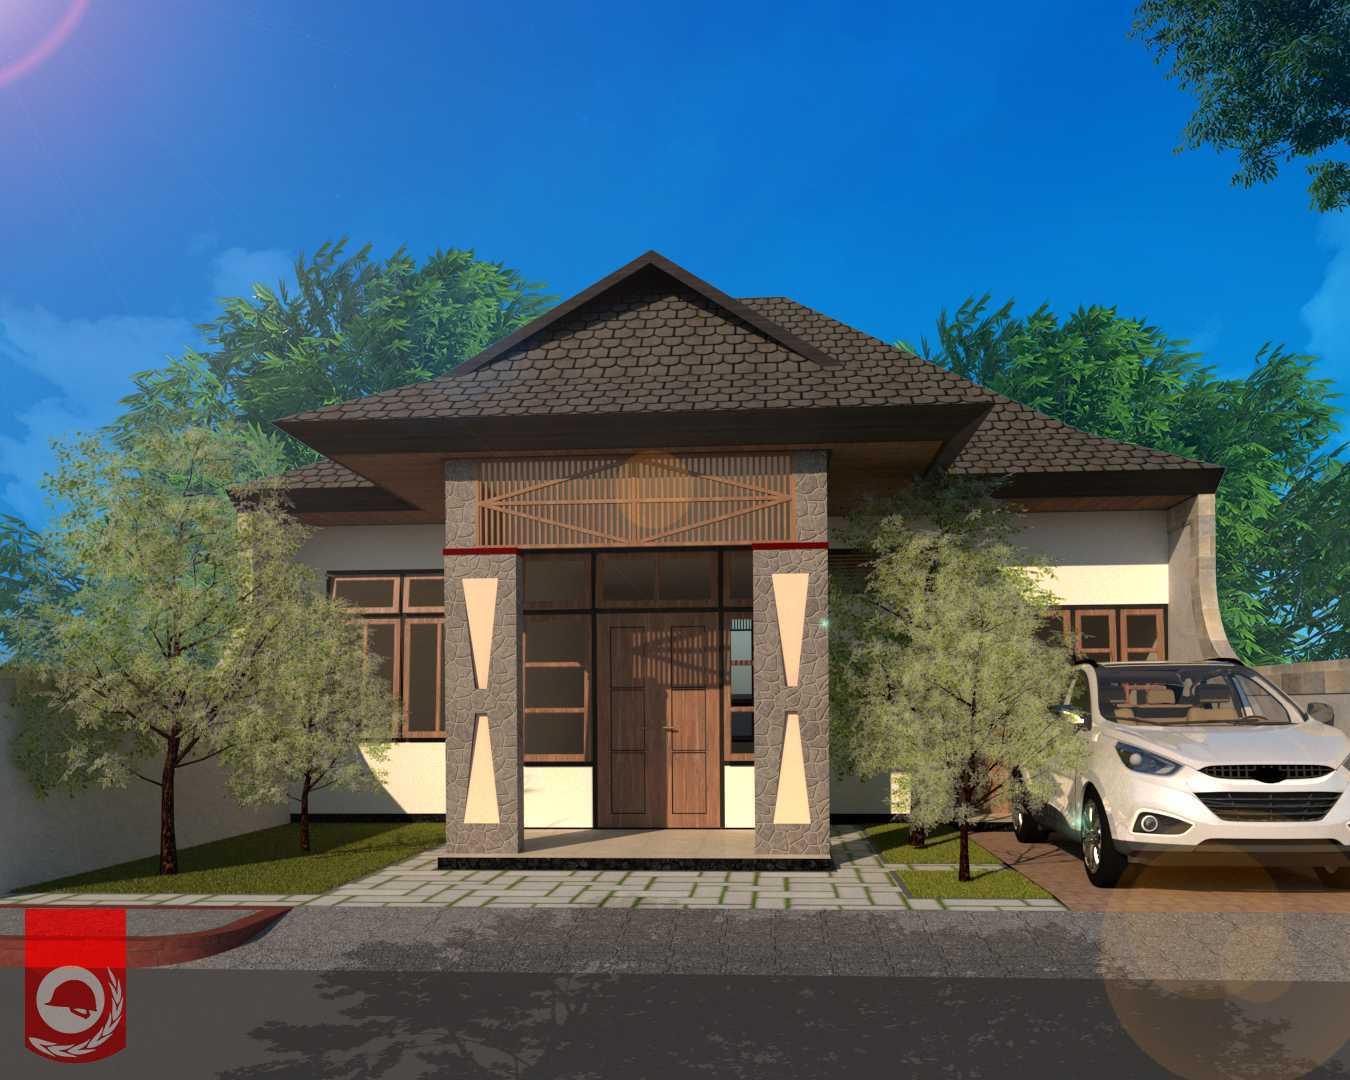 Inti Pembangunan Nusantara Rumah Satu Lantai 10 X 15 M2 Kota Denpasar, Bali, Indonesia Kota Denpasar, Bali, Indonesia Inti-Pembangunan-Nusantara-Rumah-Satu-Lantai   66121